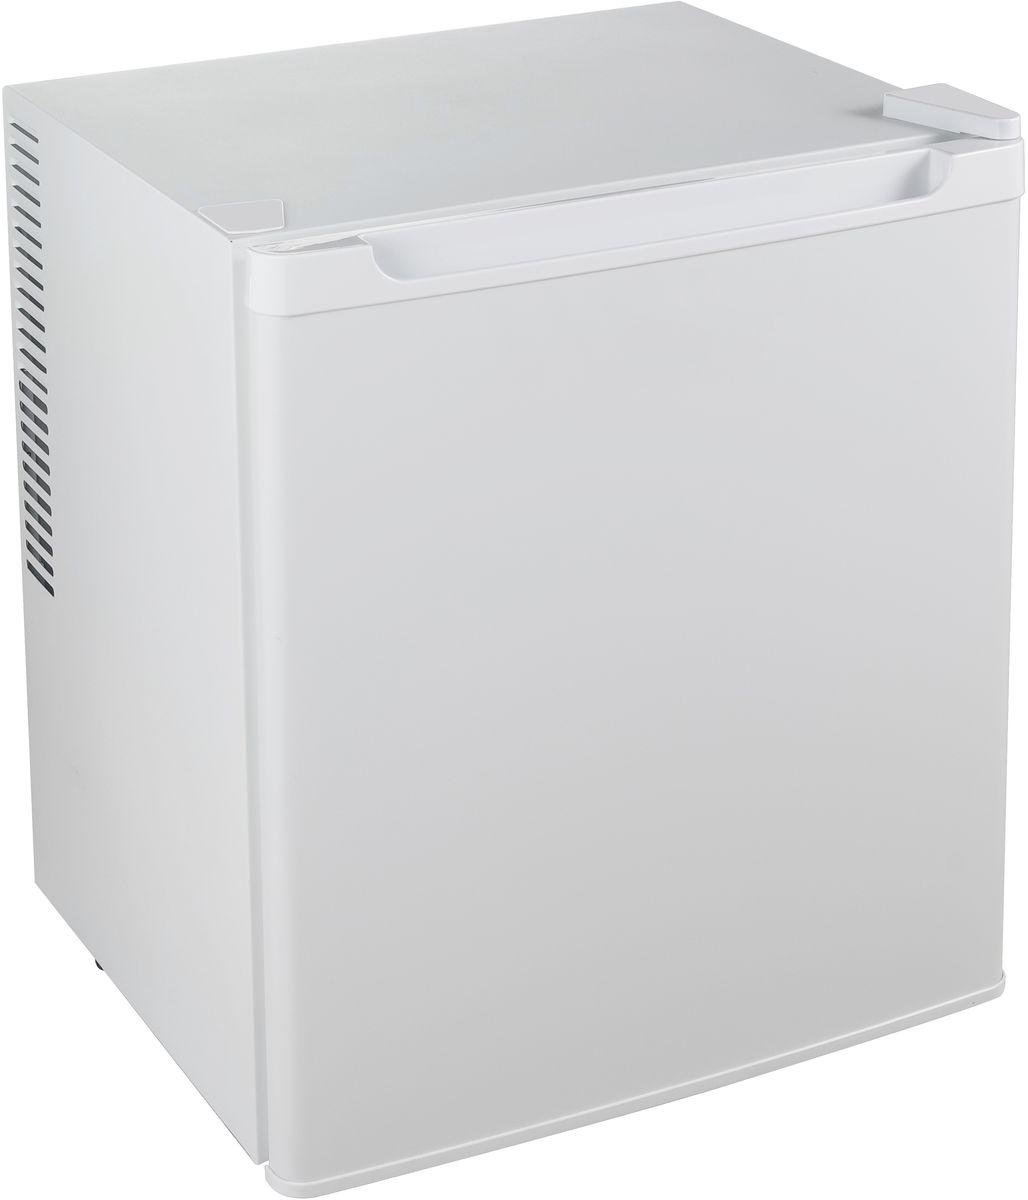 Gemlux GL-BC38 холодильник - Холодильники и морозильные камеры